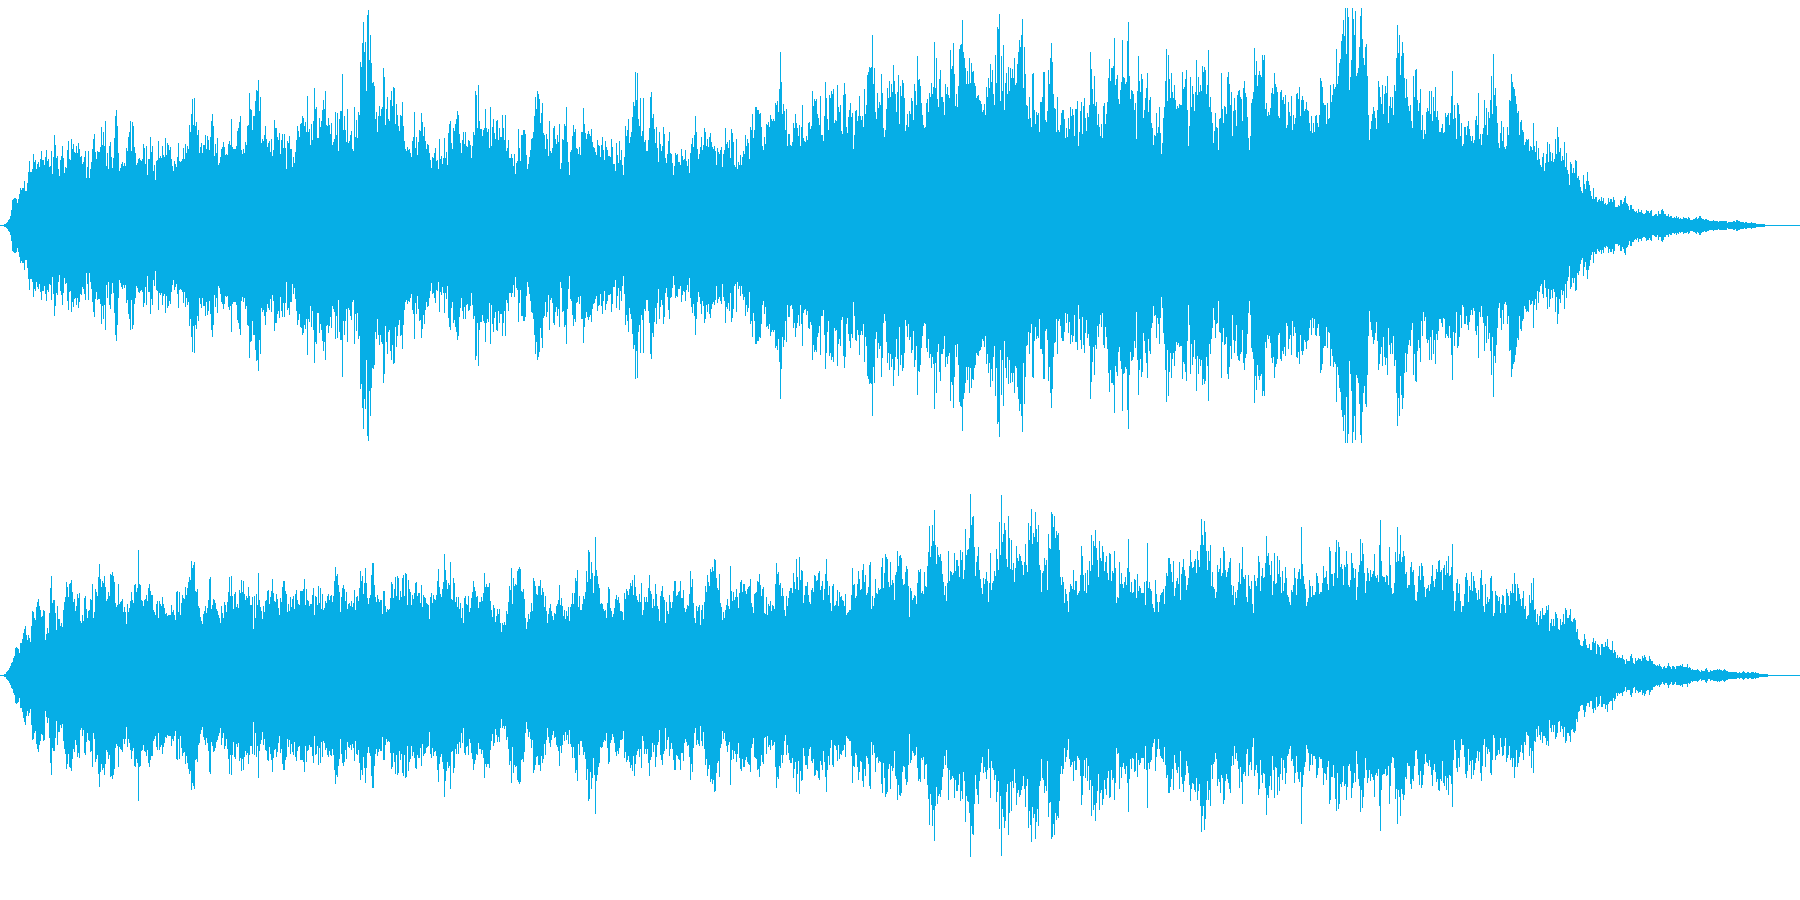 抽象的で深呼吸のような弦楽曲の再生済みの波形